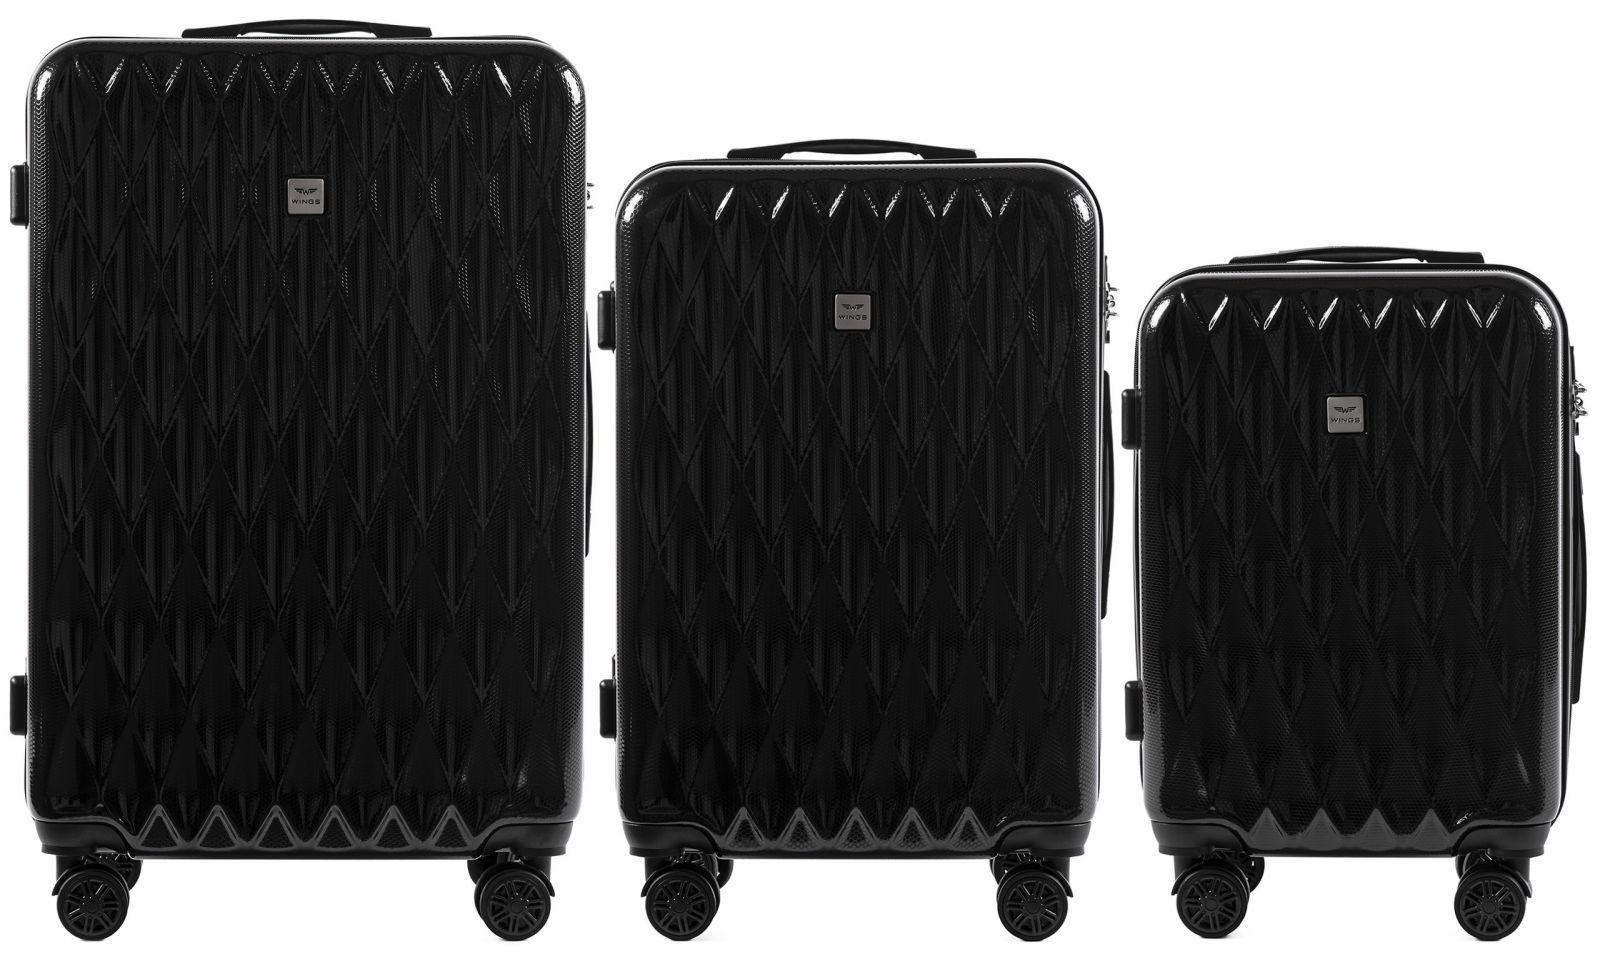 Cestovní kufry sada WINGS ABS- PC BLACK L,M,S